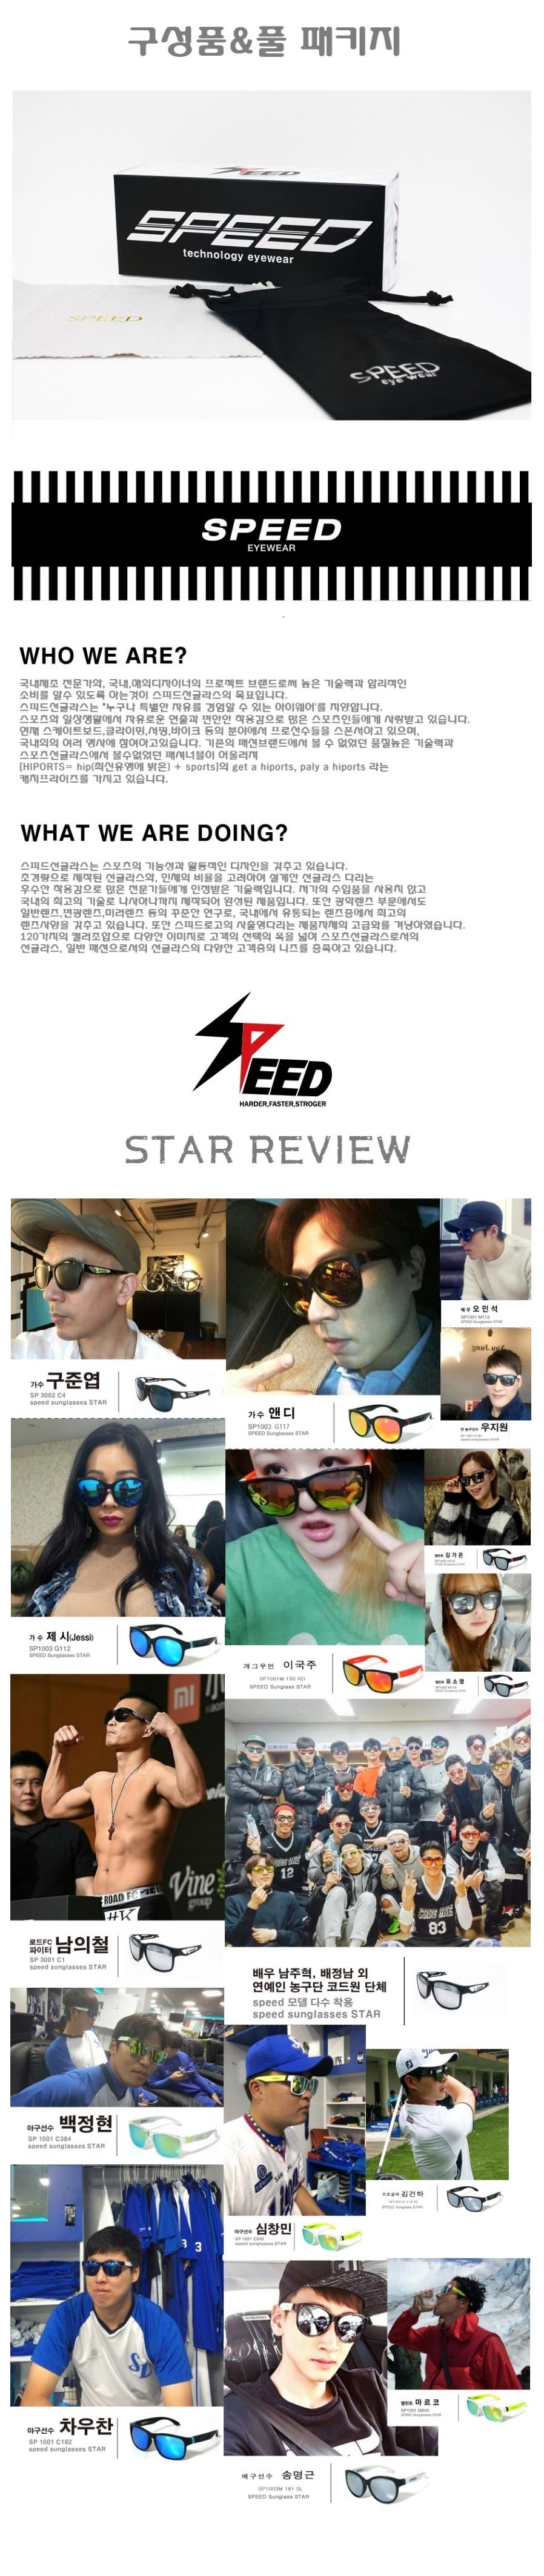 스피드 편광 미러선글라스 3001 C1 (MADE IN KOREA) 스피드썬글라스 SPEED 편광선글라스 미러선글라스